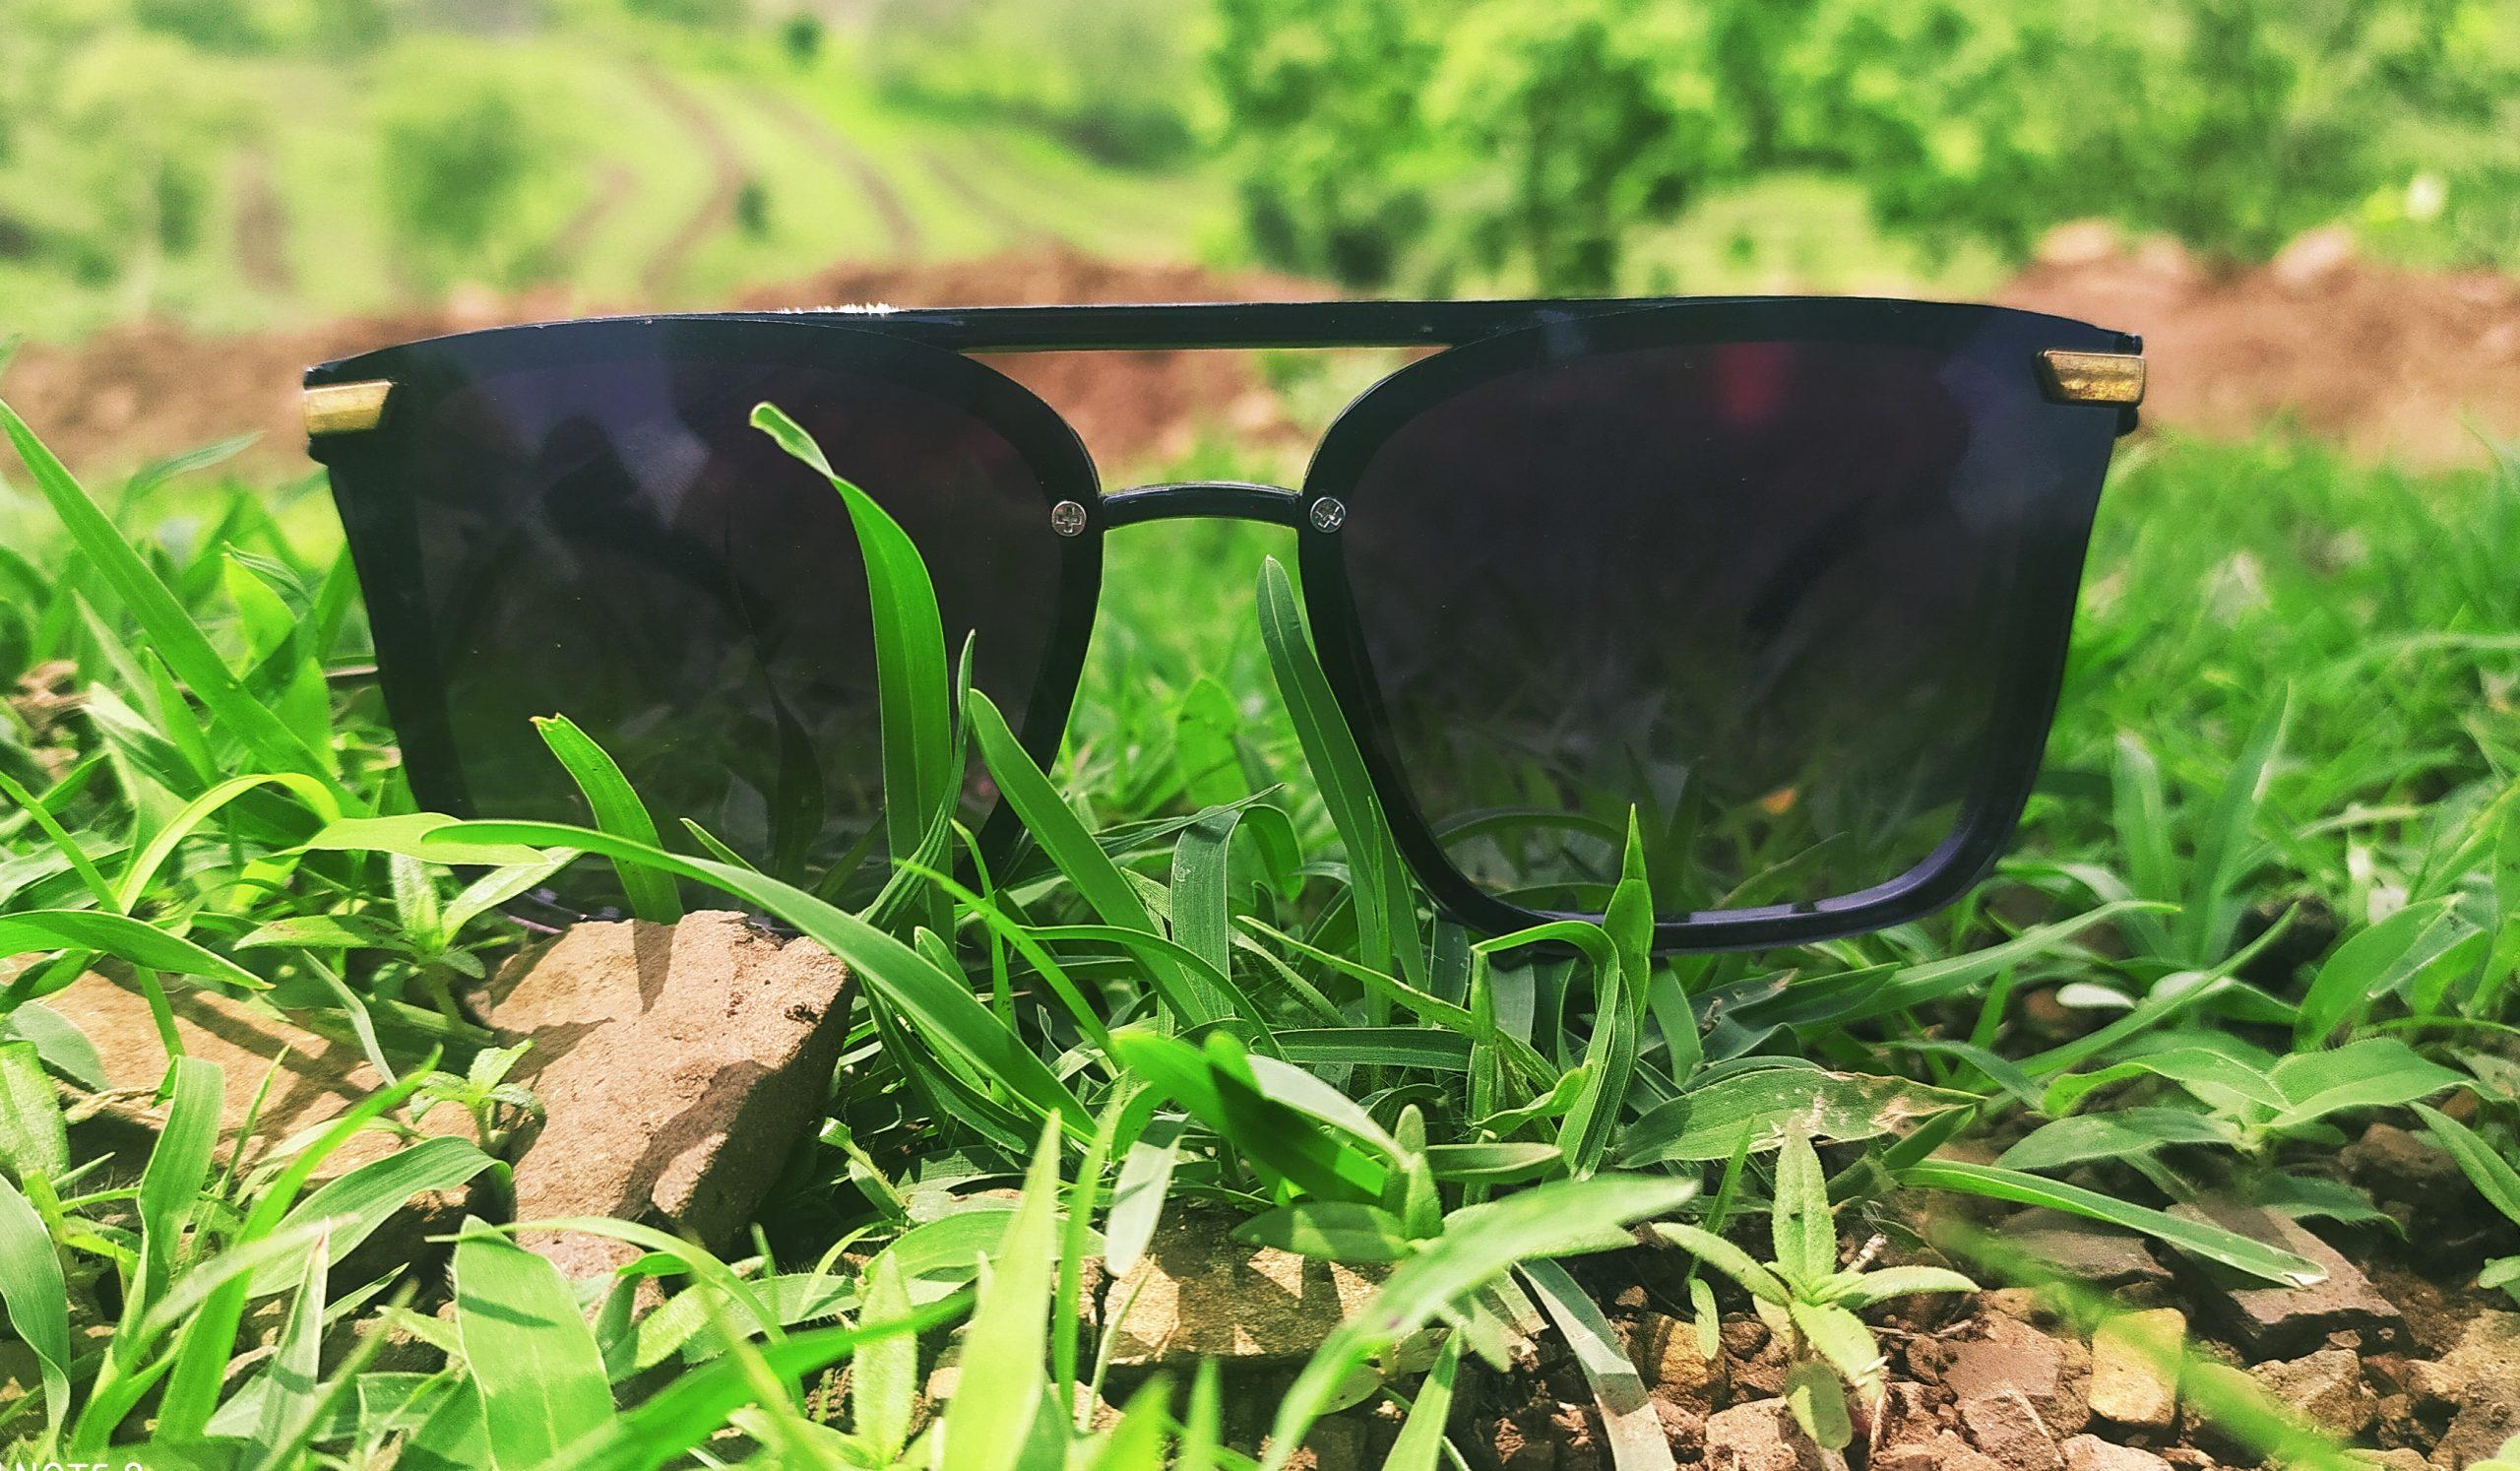 sunglasses in grass